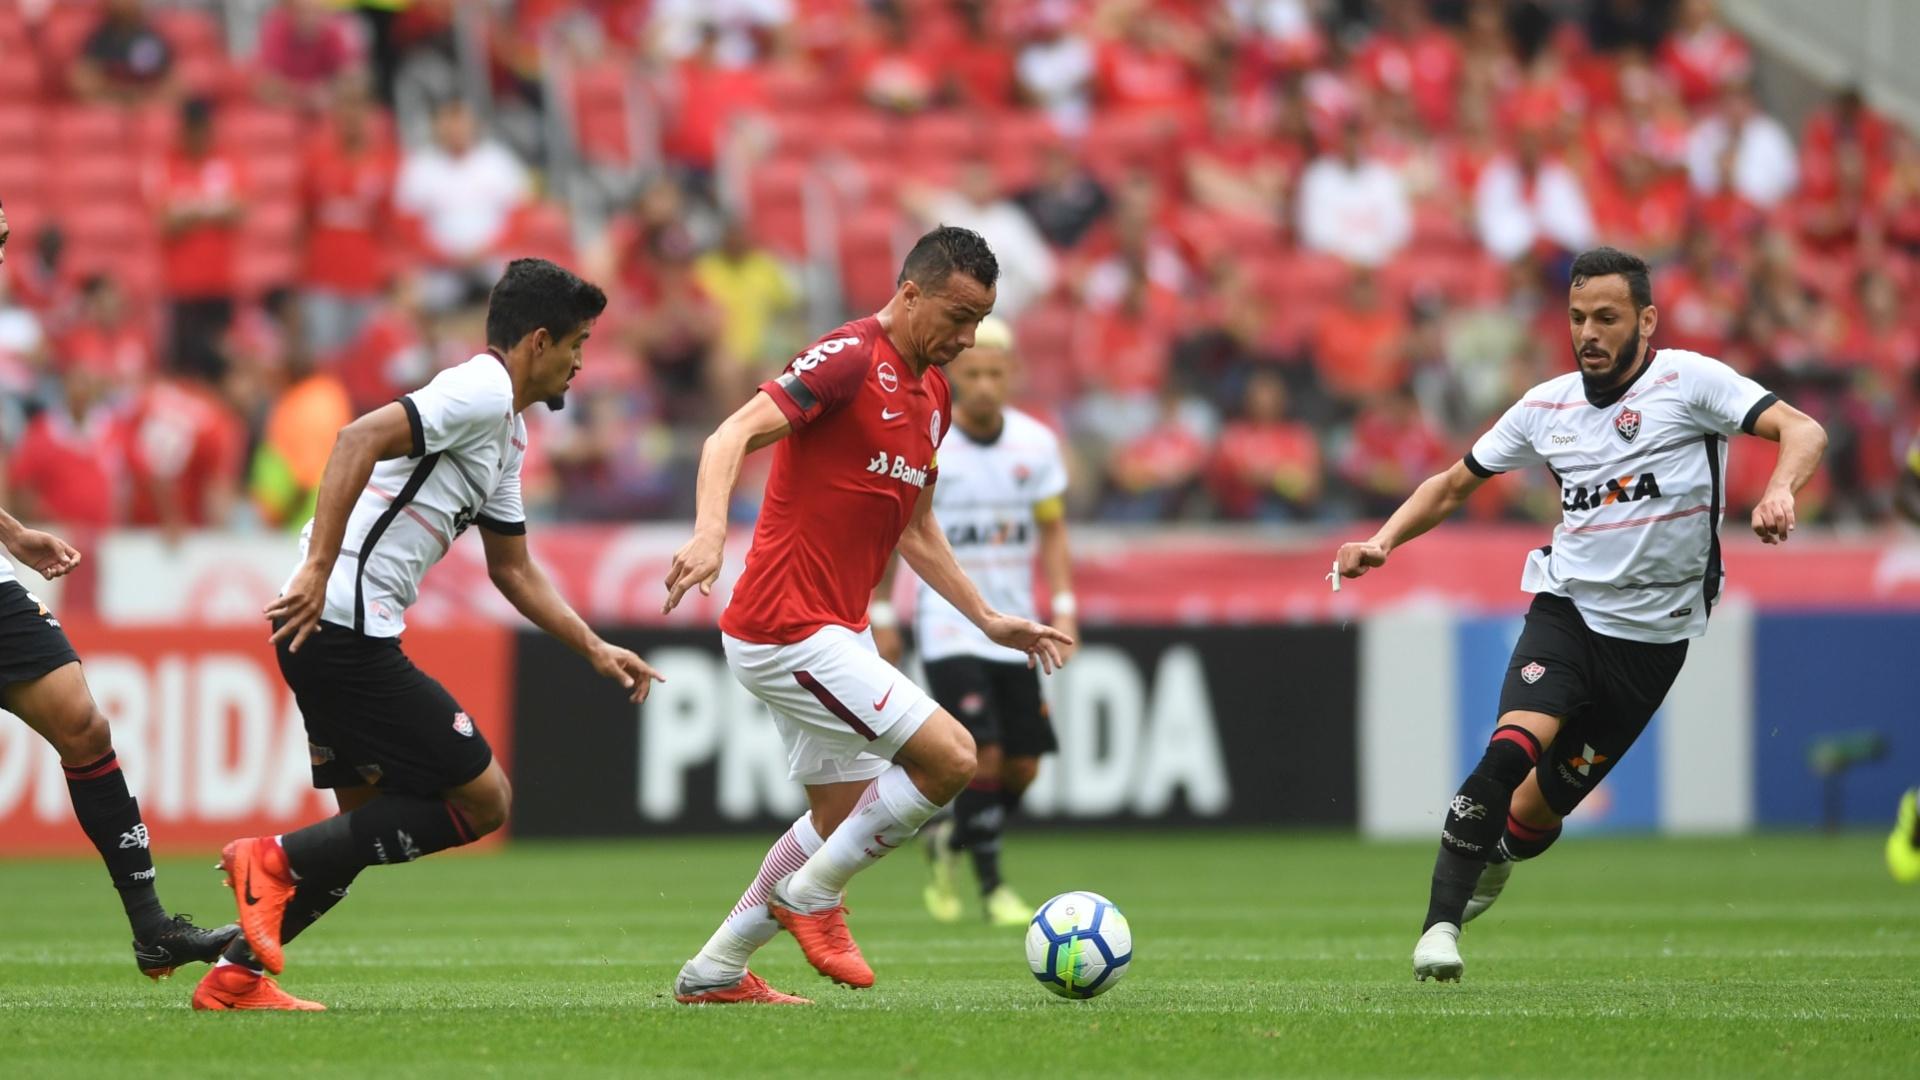 O atacante Leandro Damião em lance da partida entre Internacional e Vitória